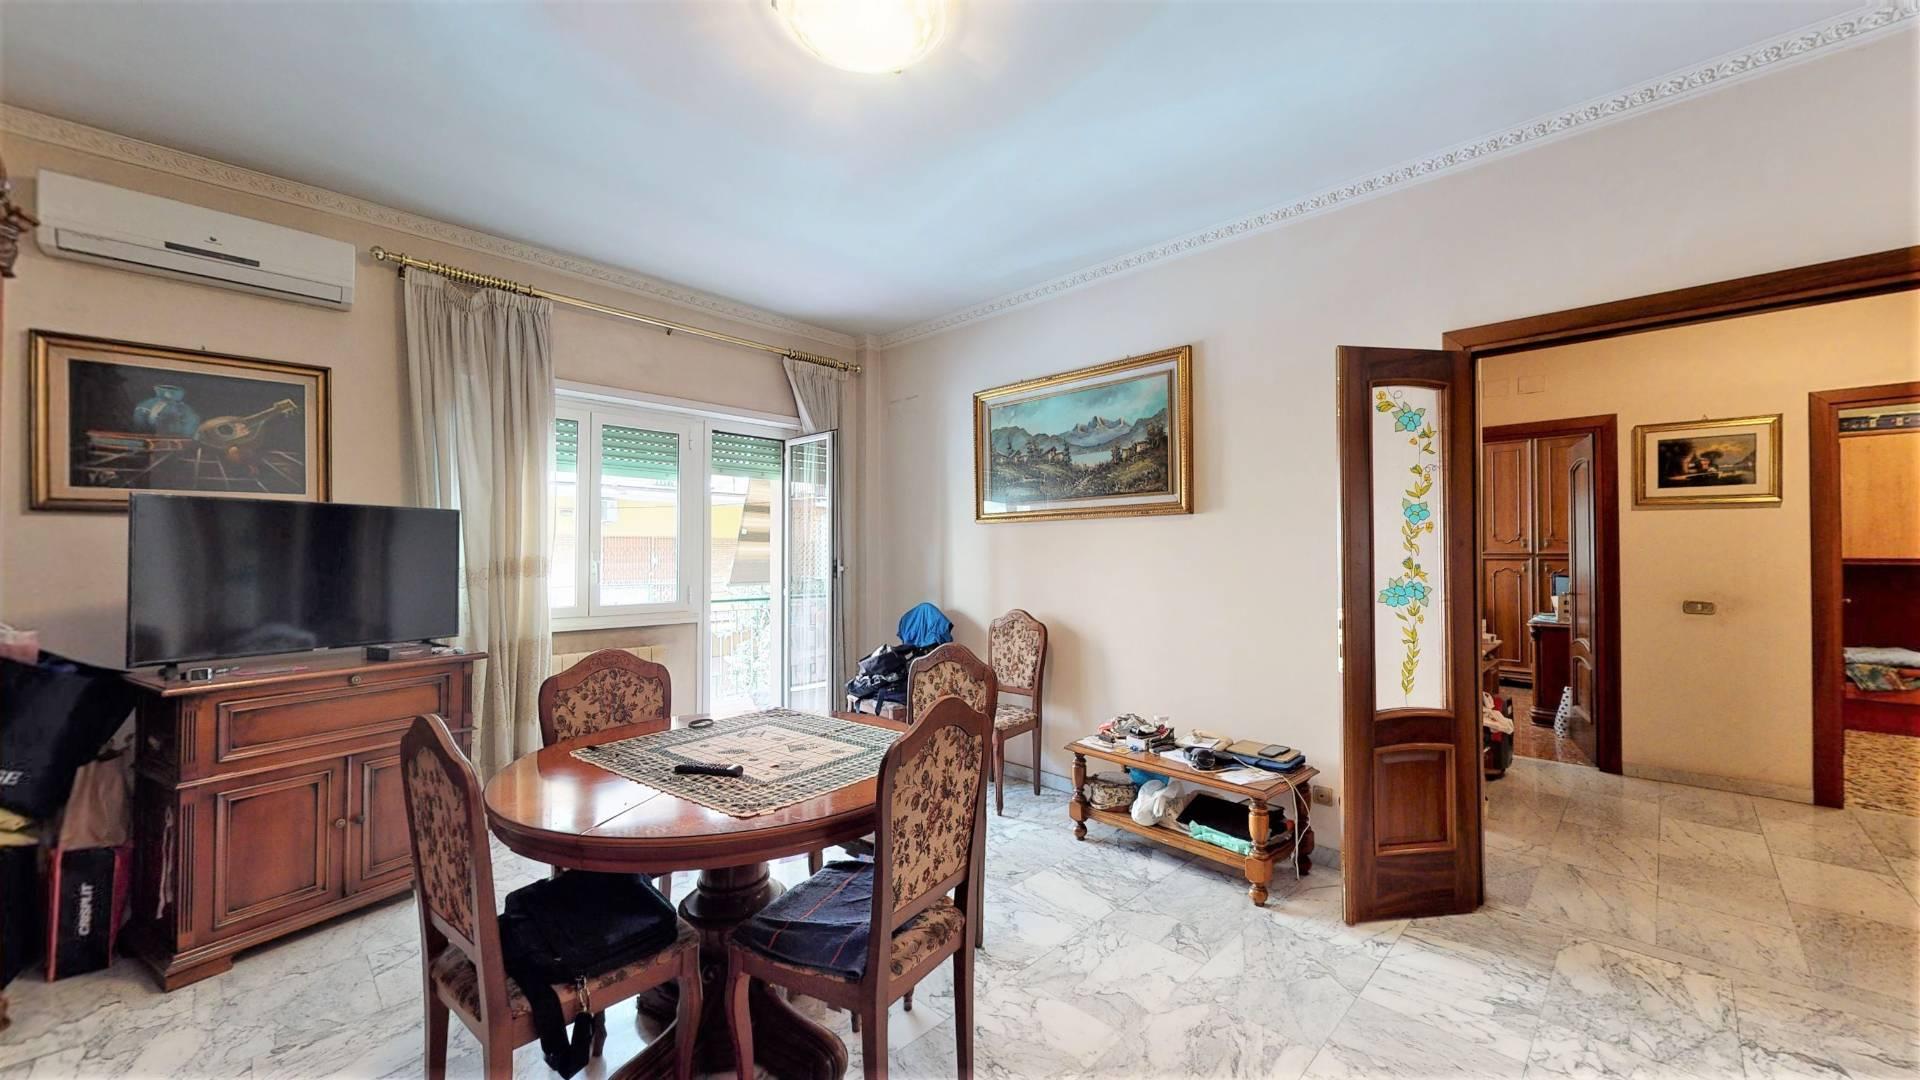 Appartamento in vendita a Roma, 3 locali, zona Zona: 9 . Prenestino, Collatino, Tor Sapienza, Torre Spaccata, Tor Tre Teste, Torre Maura, prezzo € 269.000   CambioCasa.it